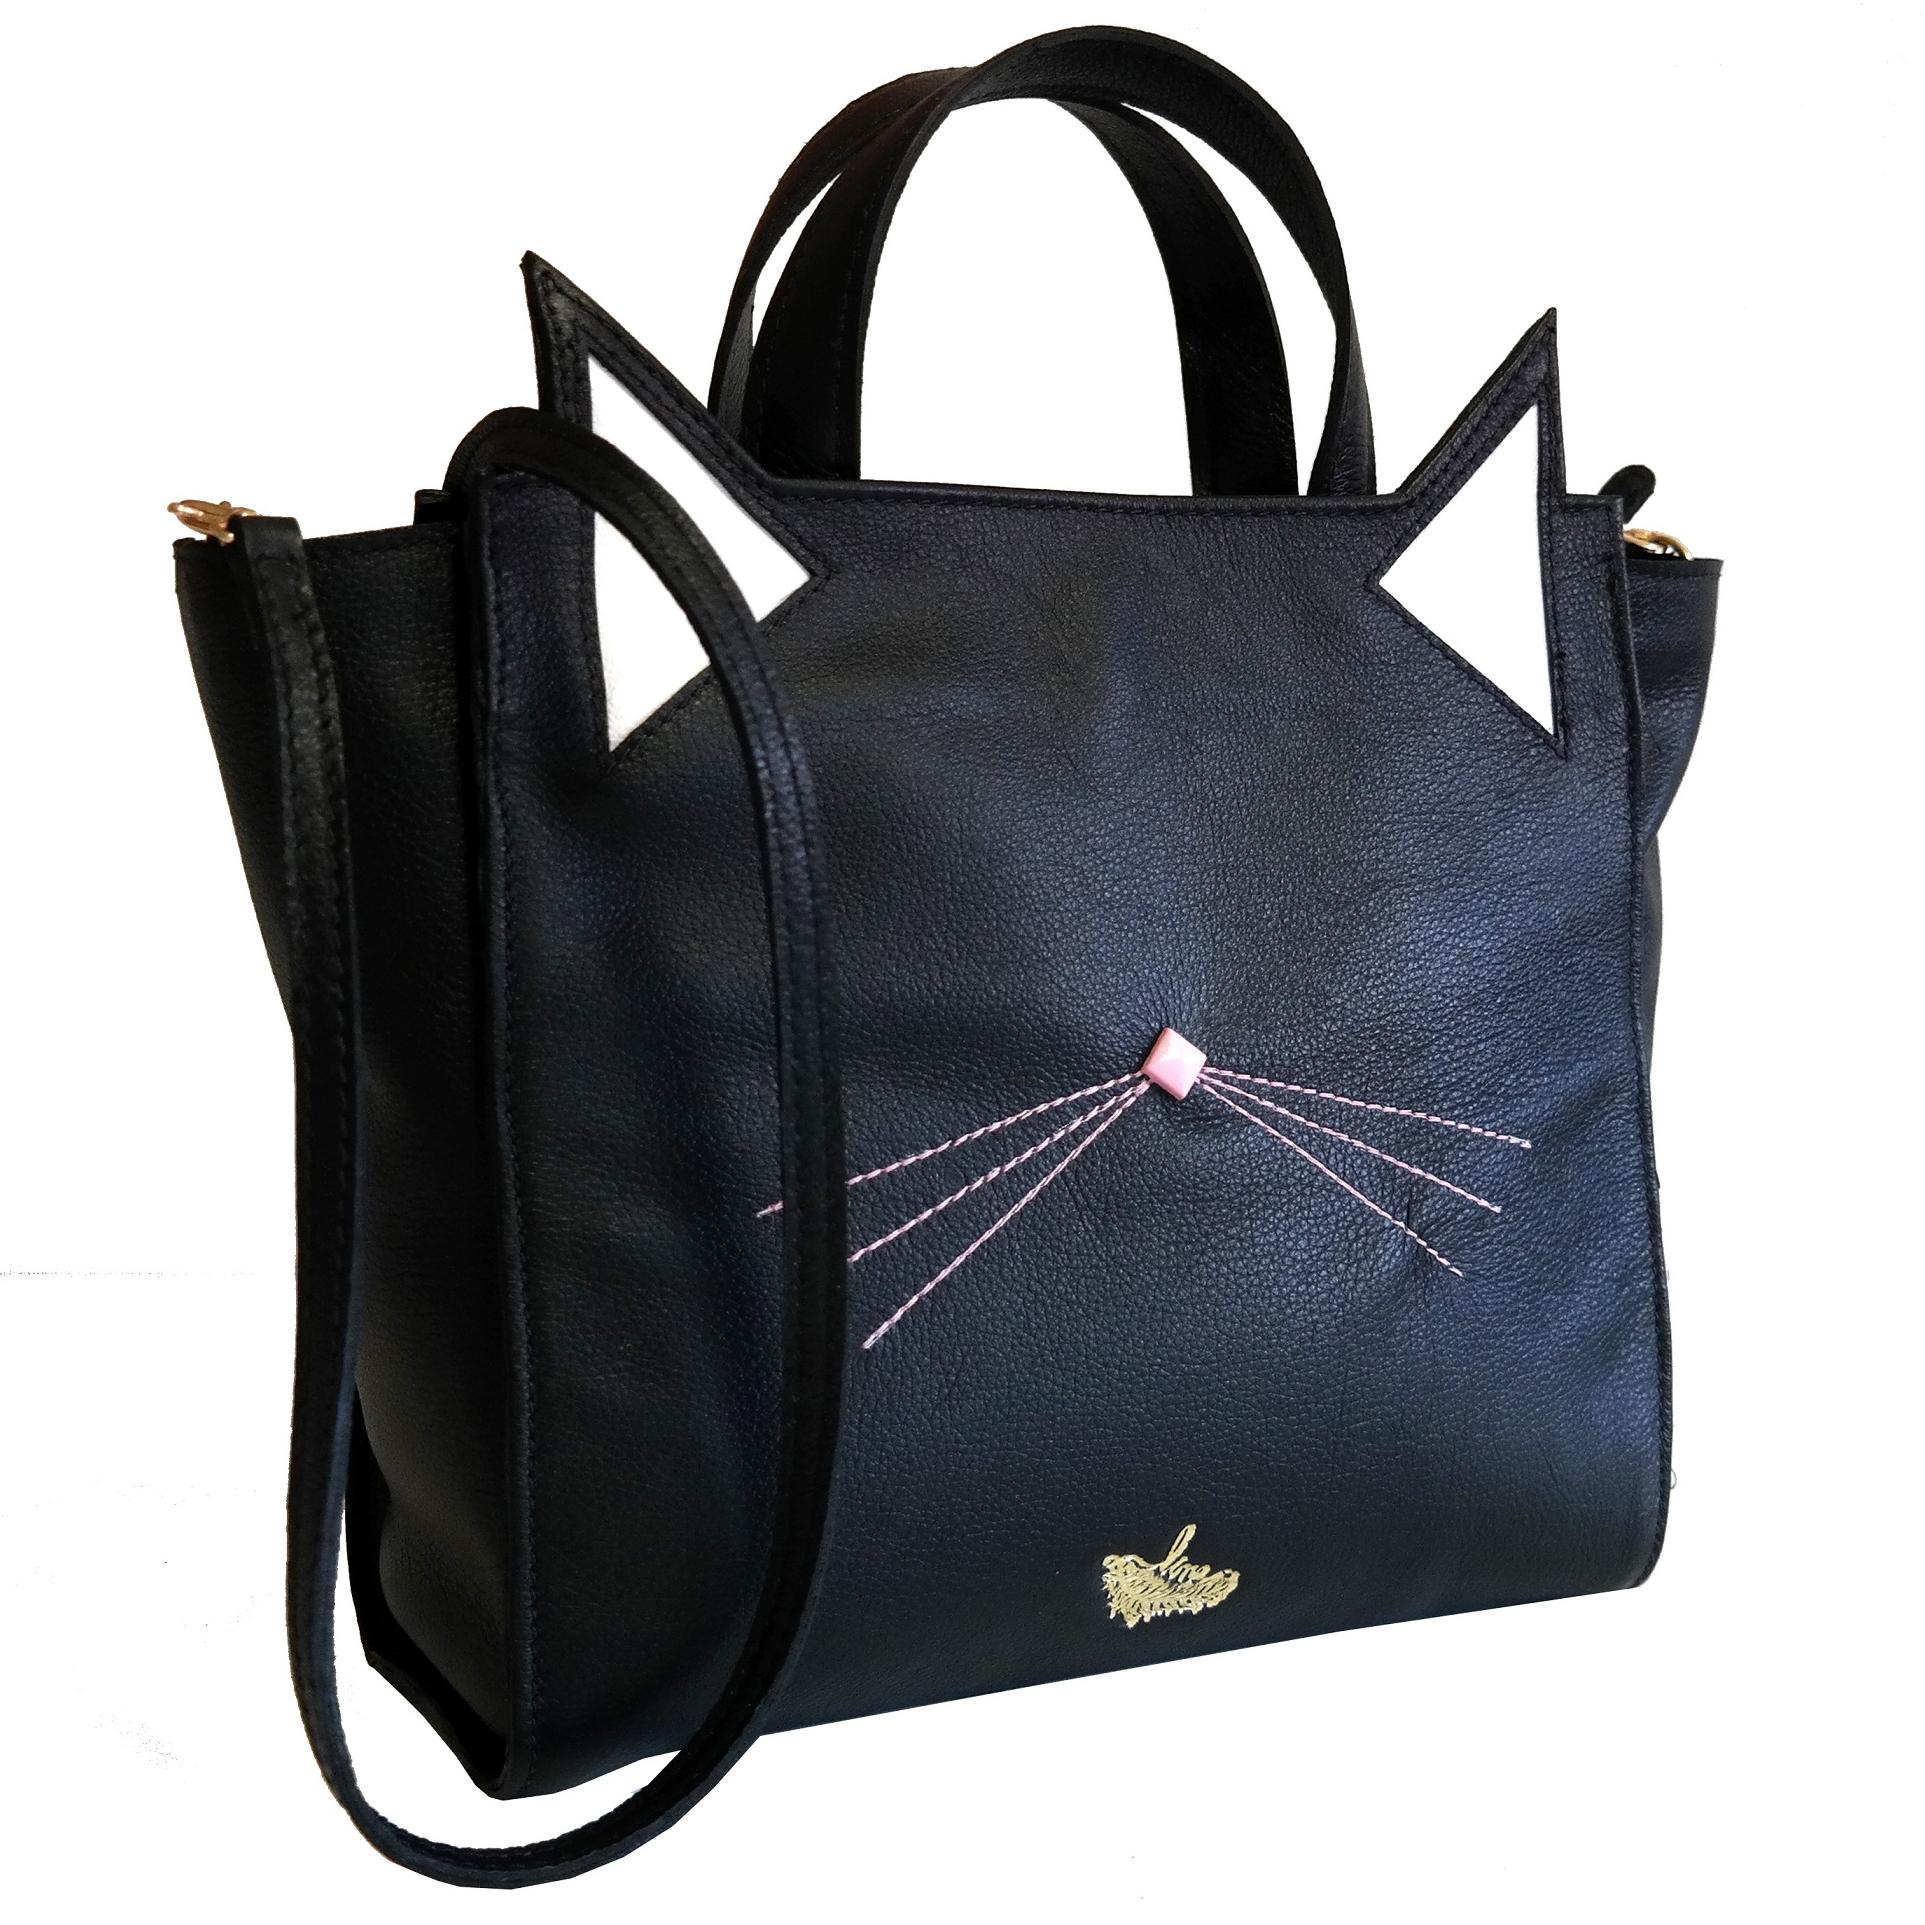 Bolsa Couro Line Cat Bag